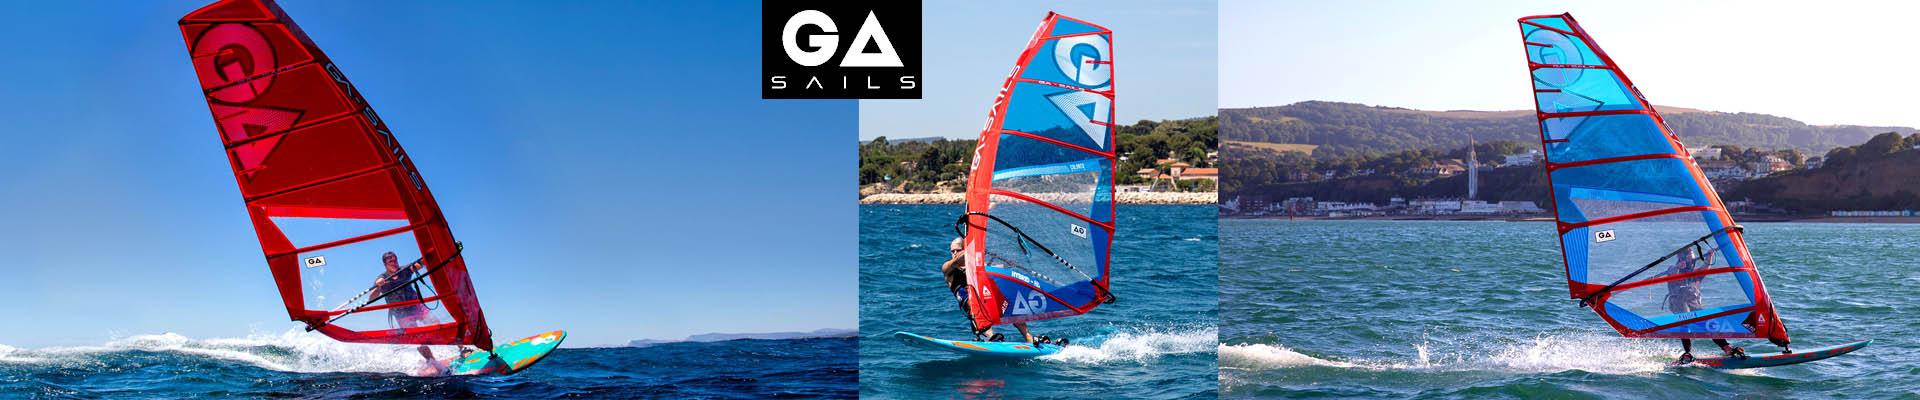 GA Sails